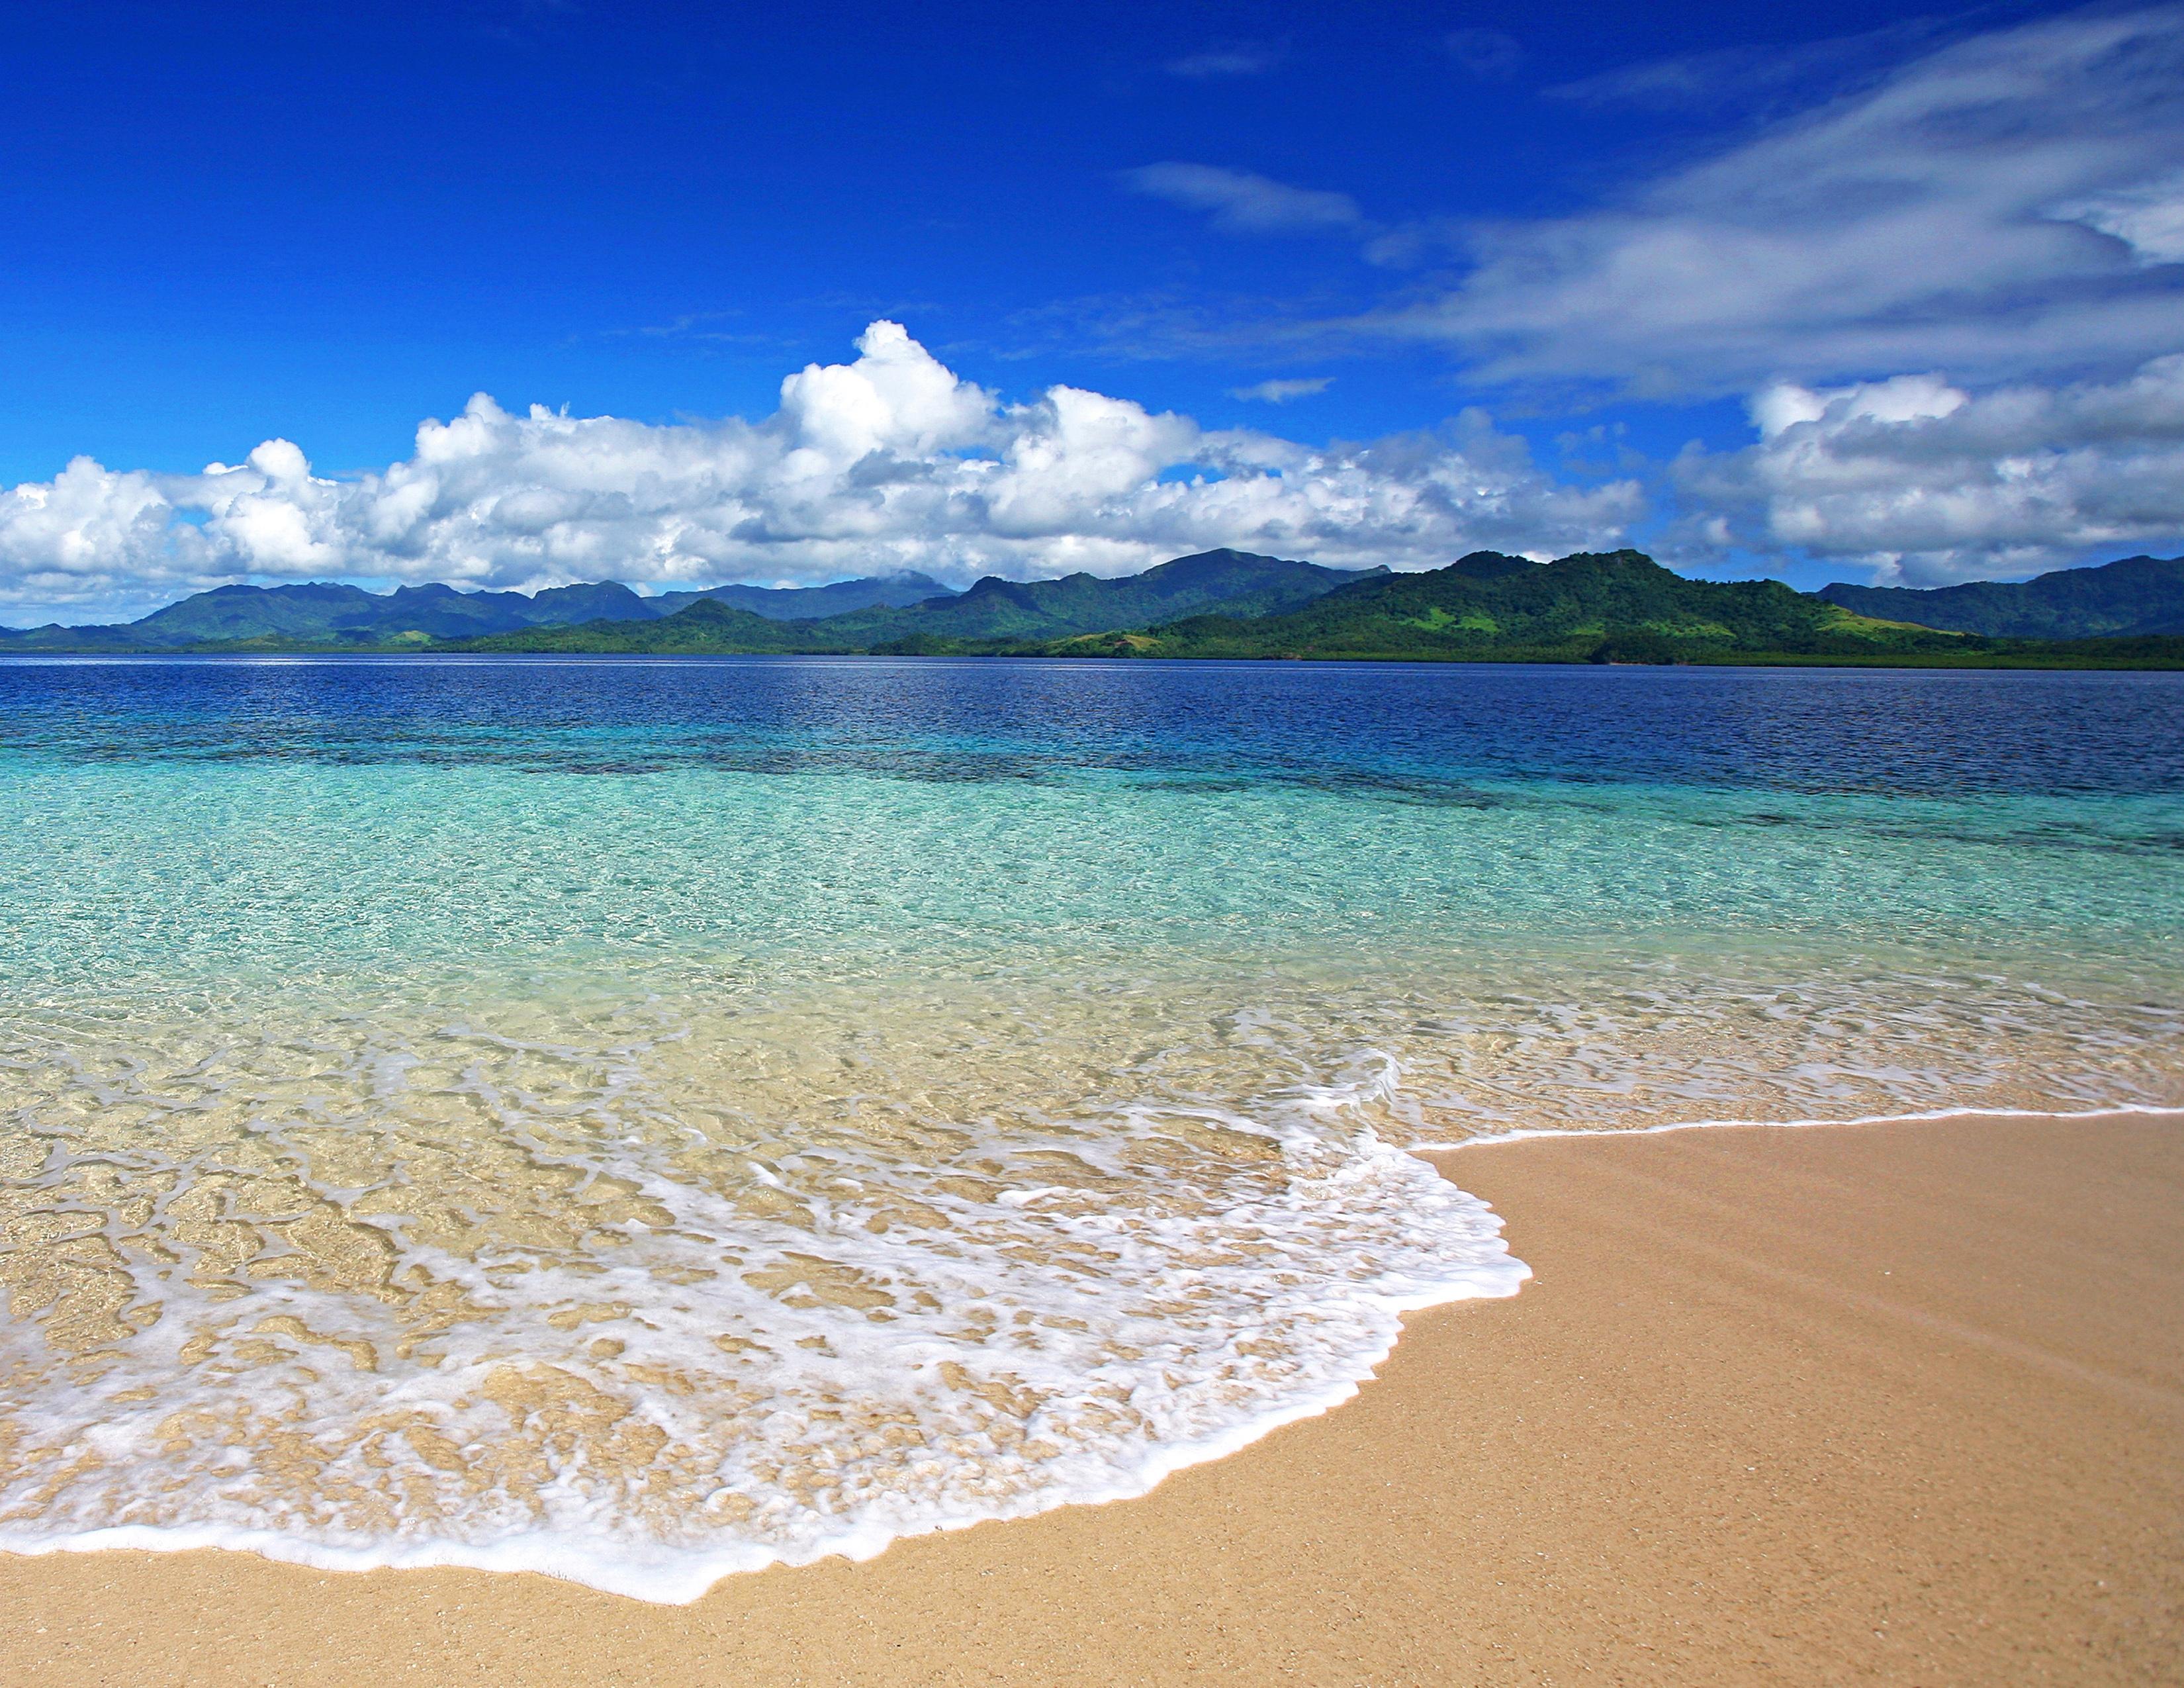 70138 скачать обои Море, Пляж, Прибой, Природа, Песок, Пена - заставки и картинки бесплатно